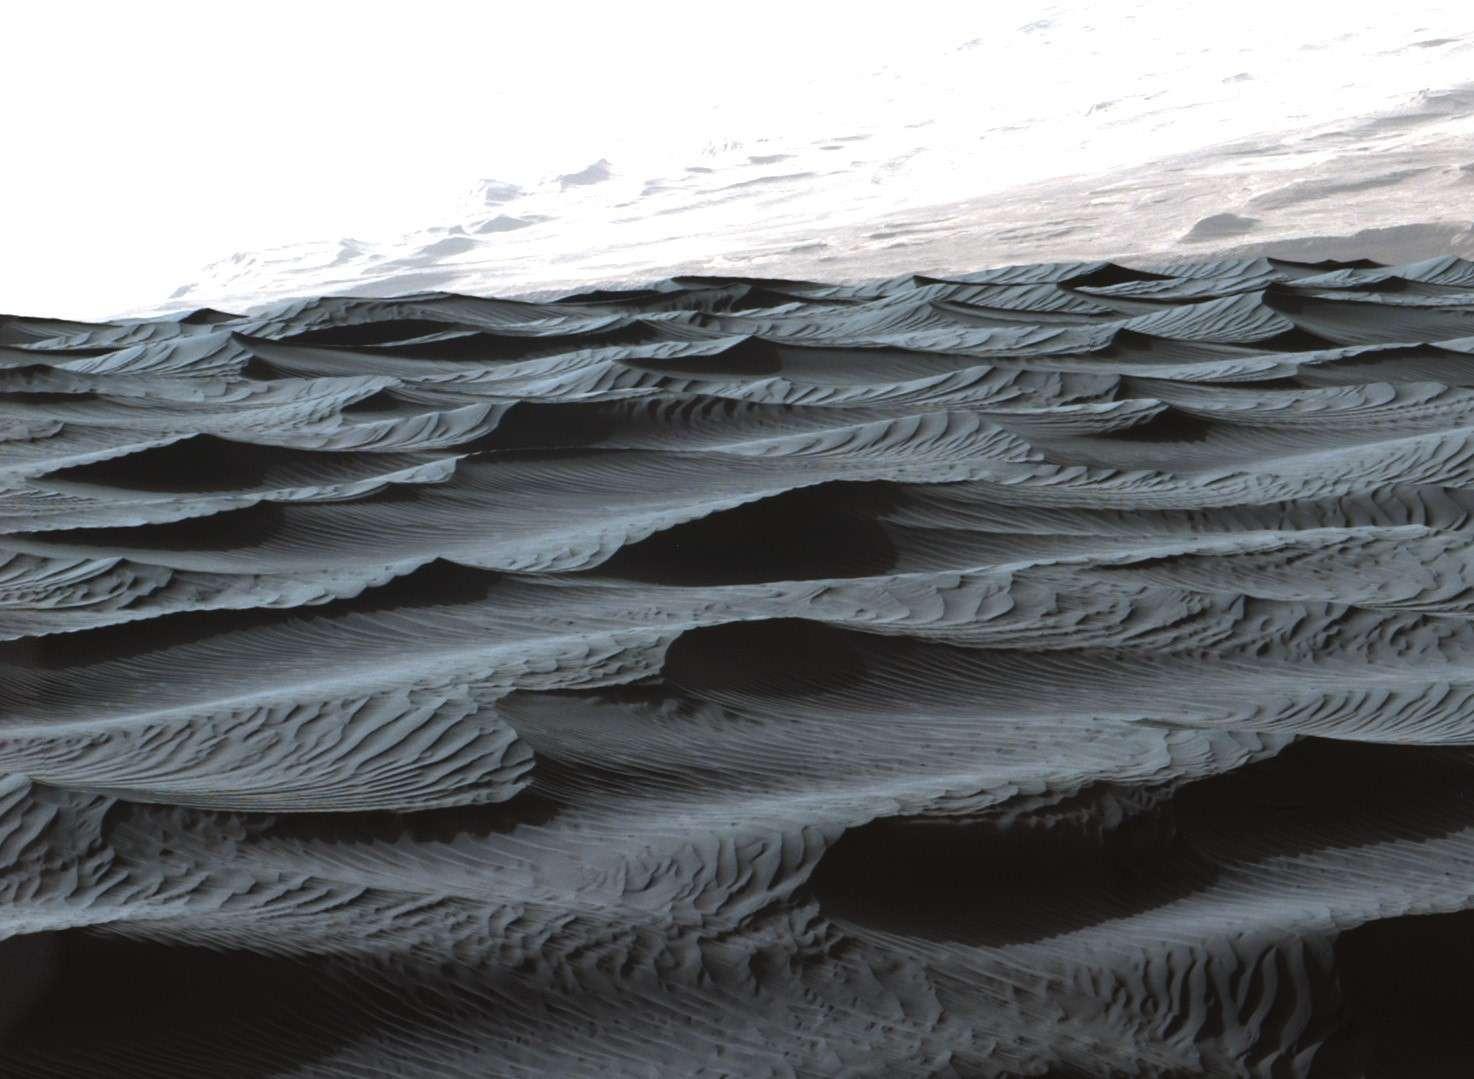 नई खोज: नासा ने मंगल ग्रह पर अरबों साल पुराने रेत के धोरे ढूंढ निकाले, जो बिल्कुल पृथ्वी जैसे हैं